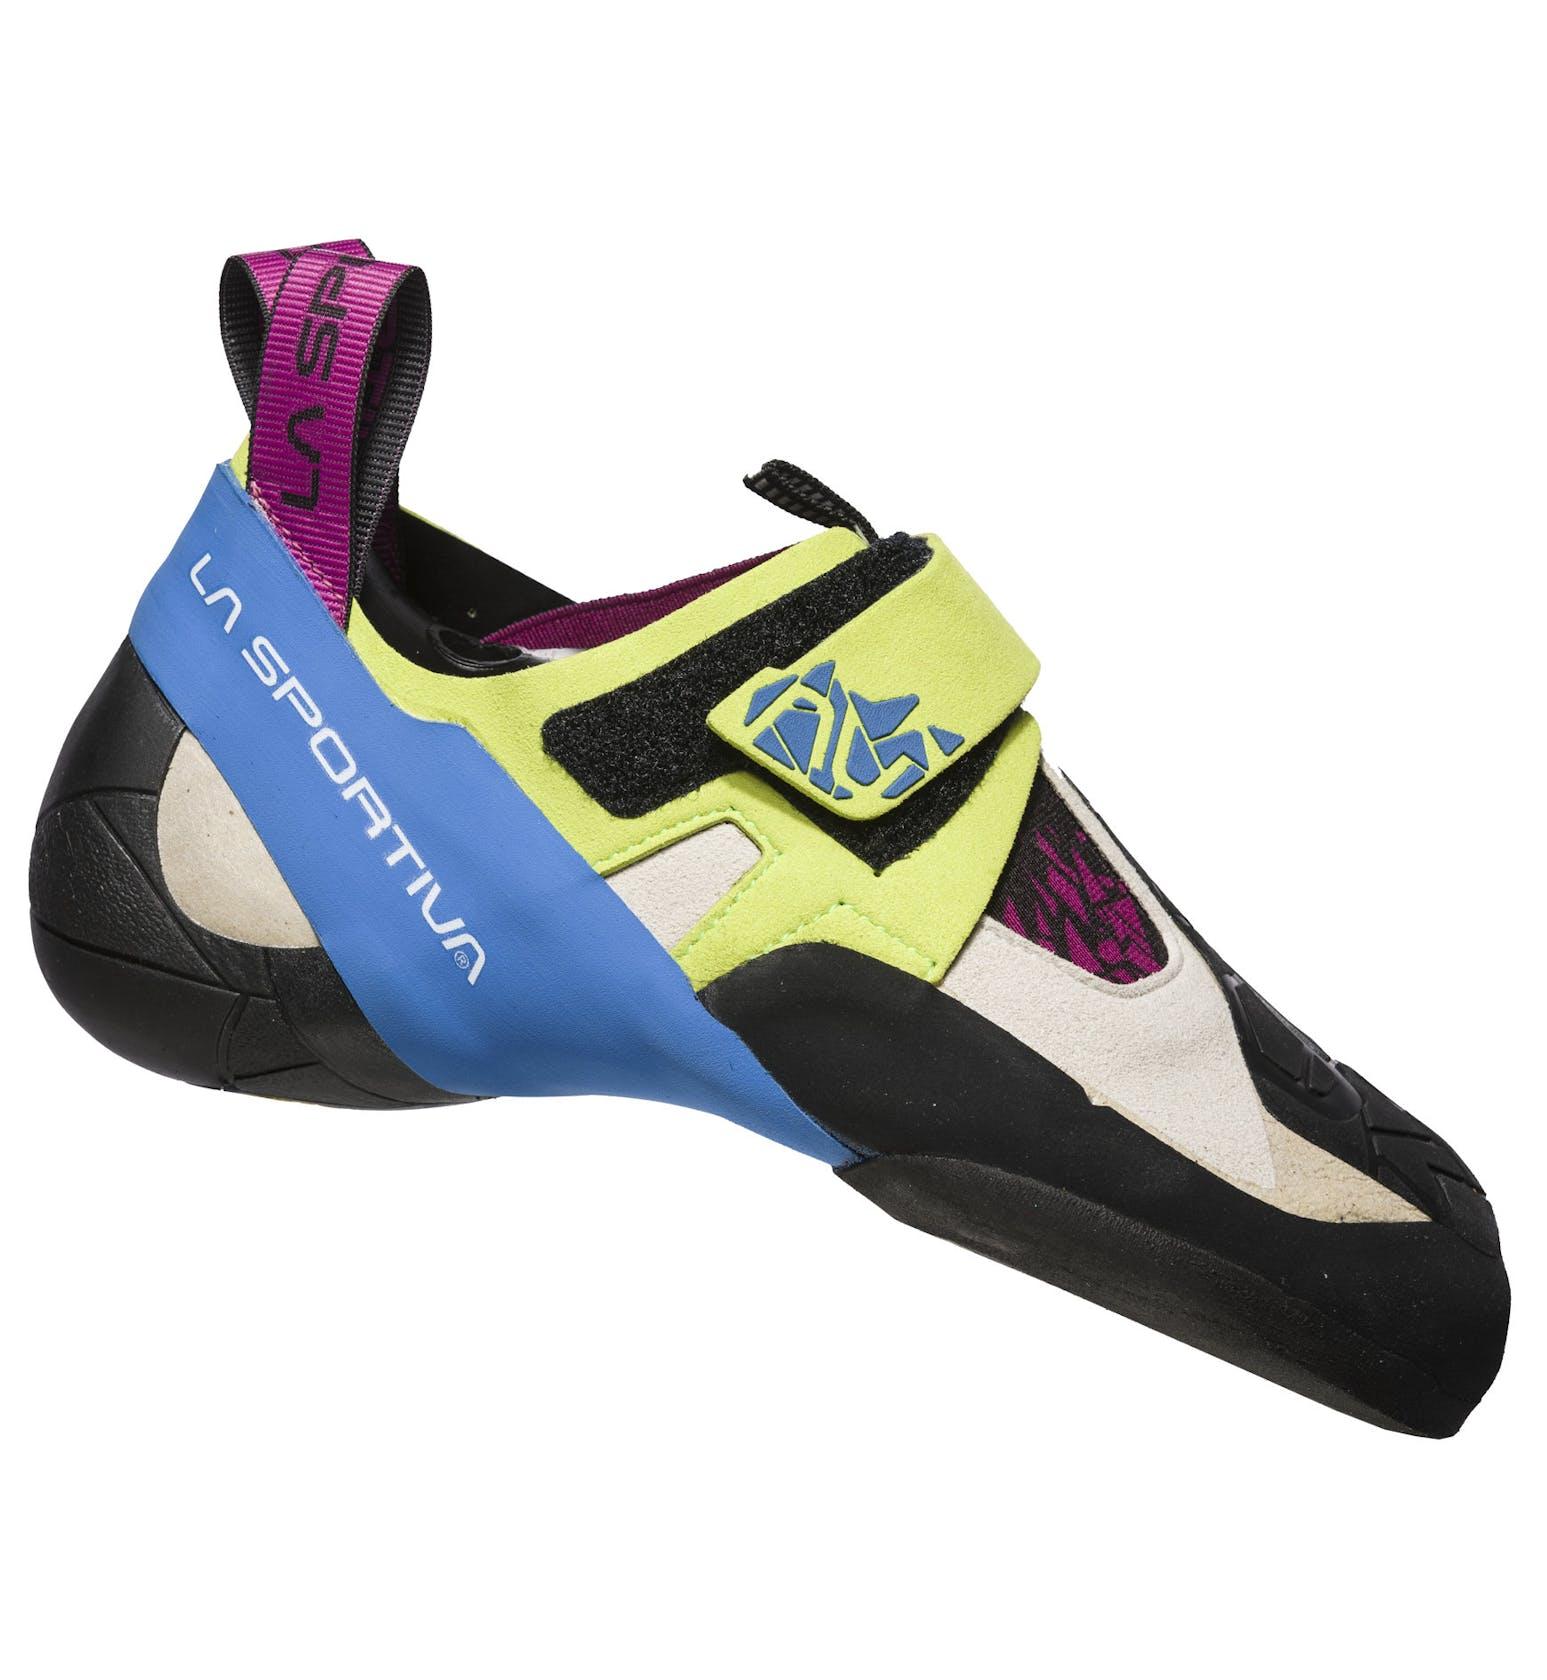 La Sportiva Skwama - Kletter- und Boulderschuhe - Damen